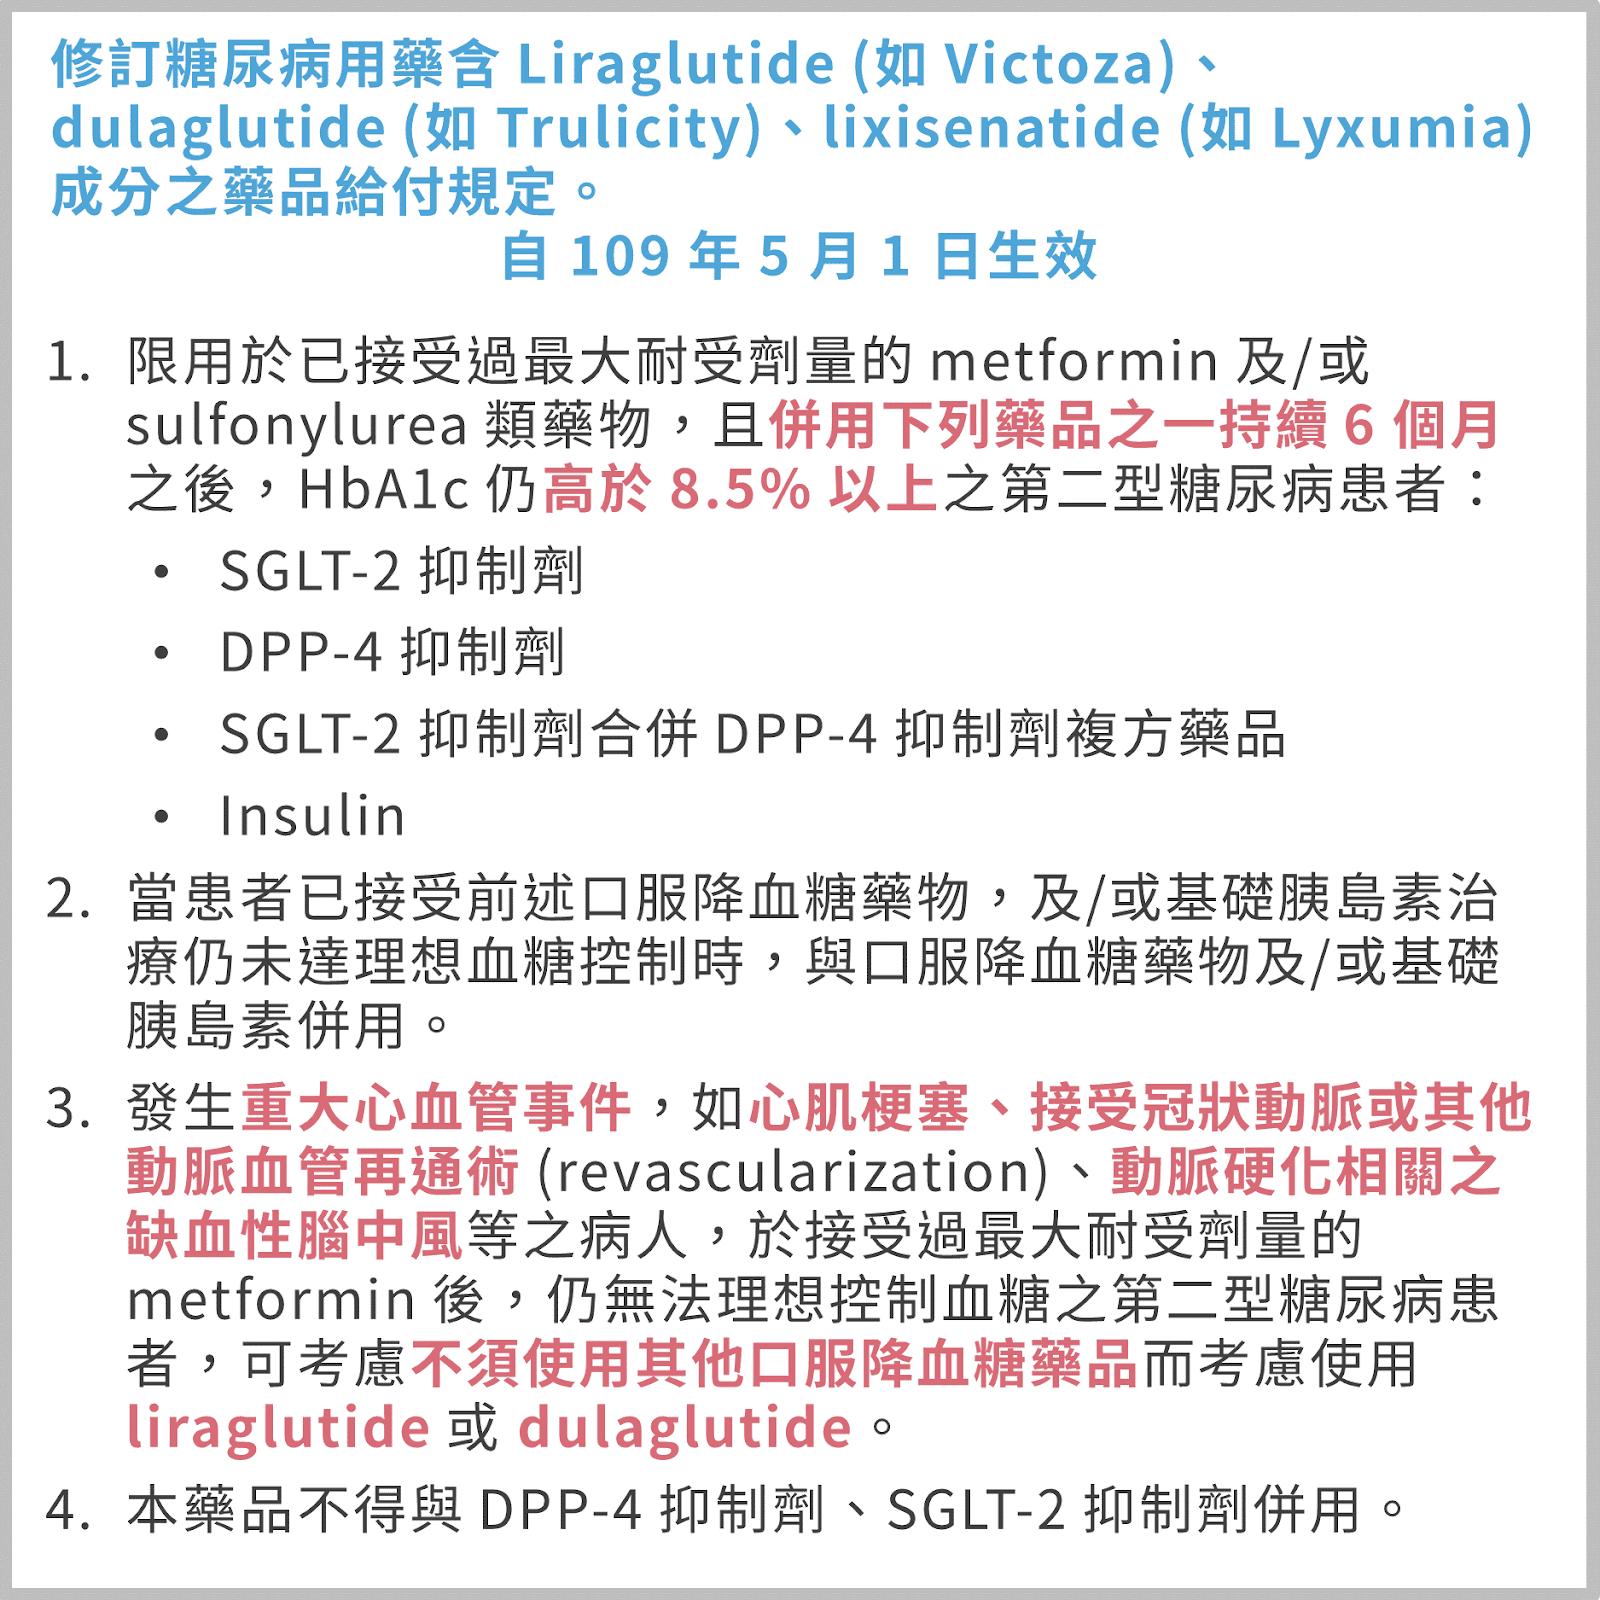 劉漢文醫師 : GLP-1 RA 及 SGLT-2 抑制劑健保給付規定